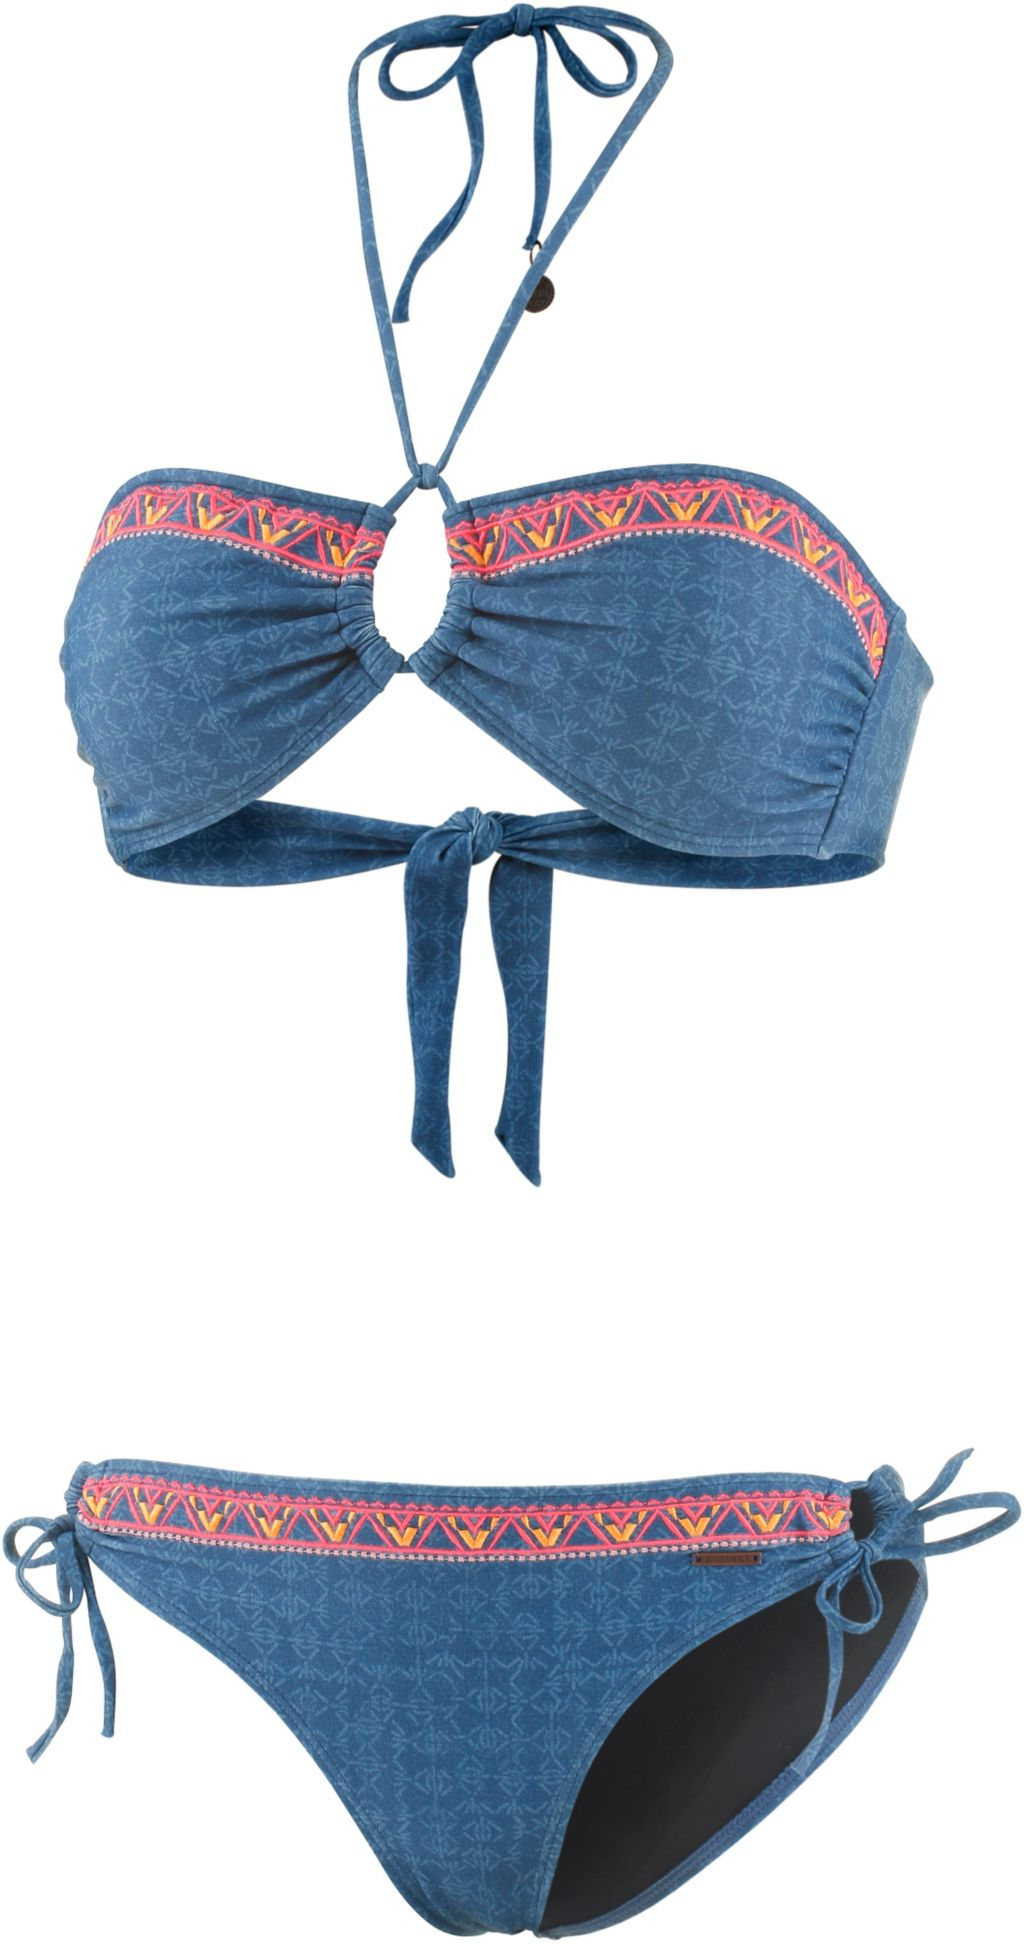 1fa21e8b16fa2f Damen Alles zu Bademode online günstig kaufen über shop24.at | shop24